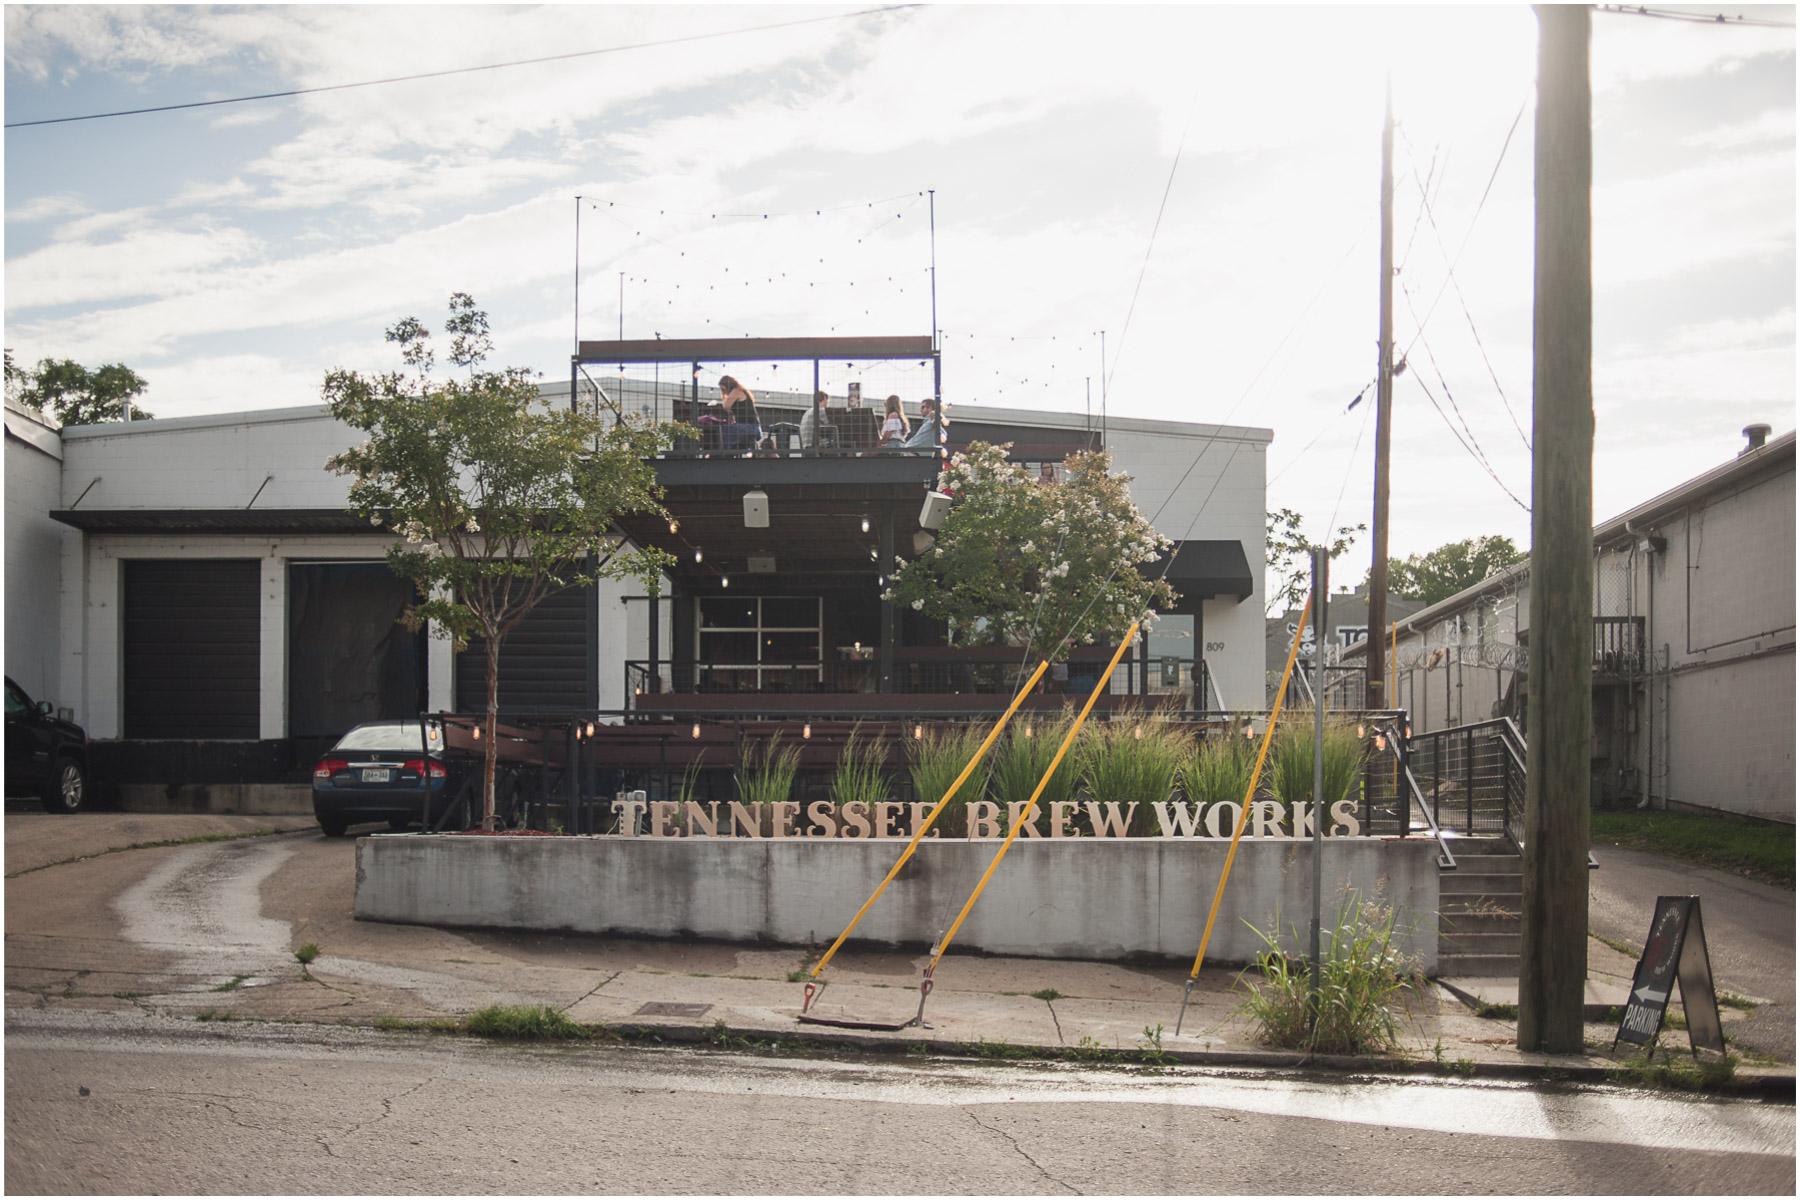 Nashville-Day-4_Tennessee-Brew-Works_12.jpg